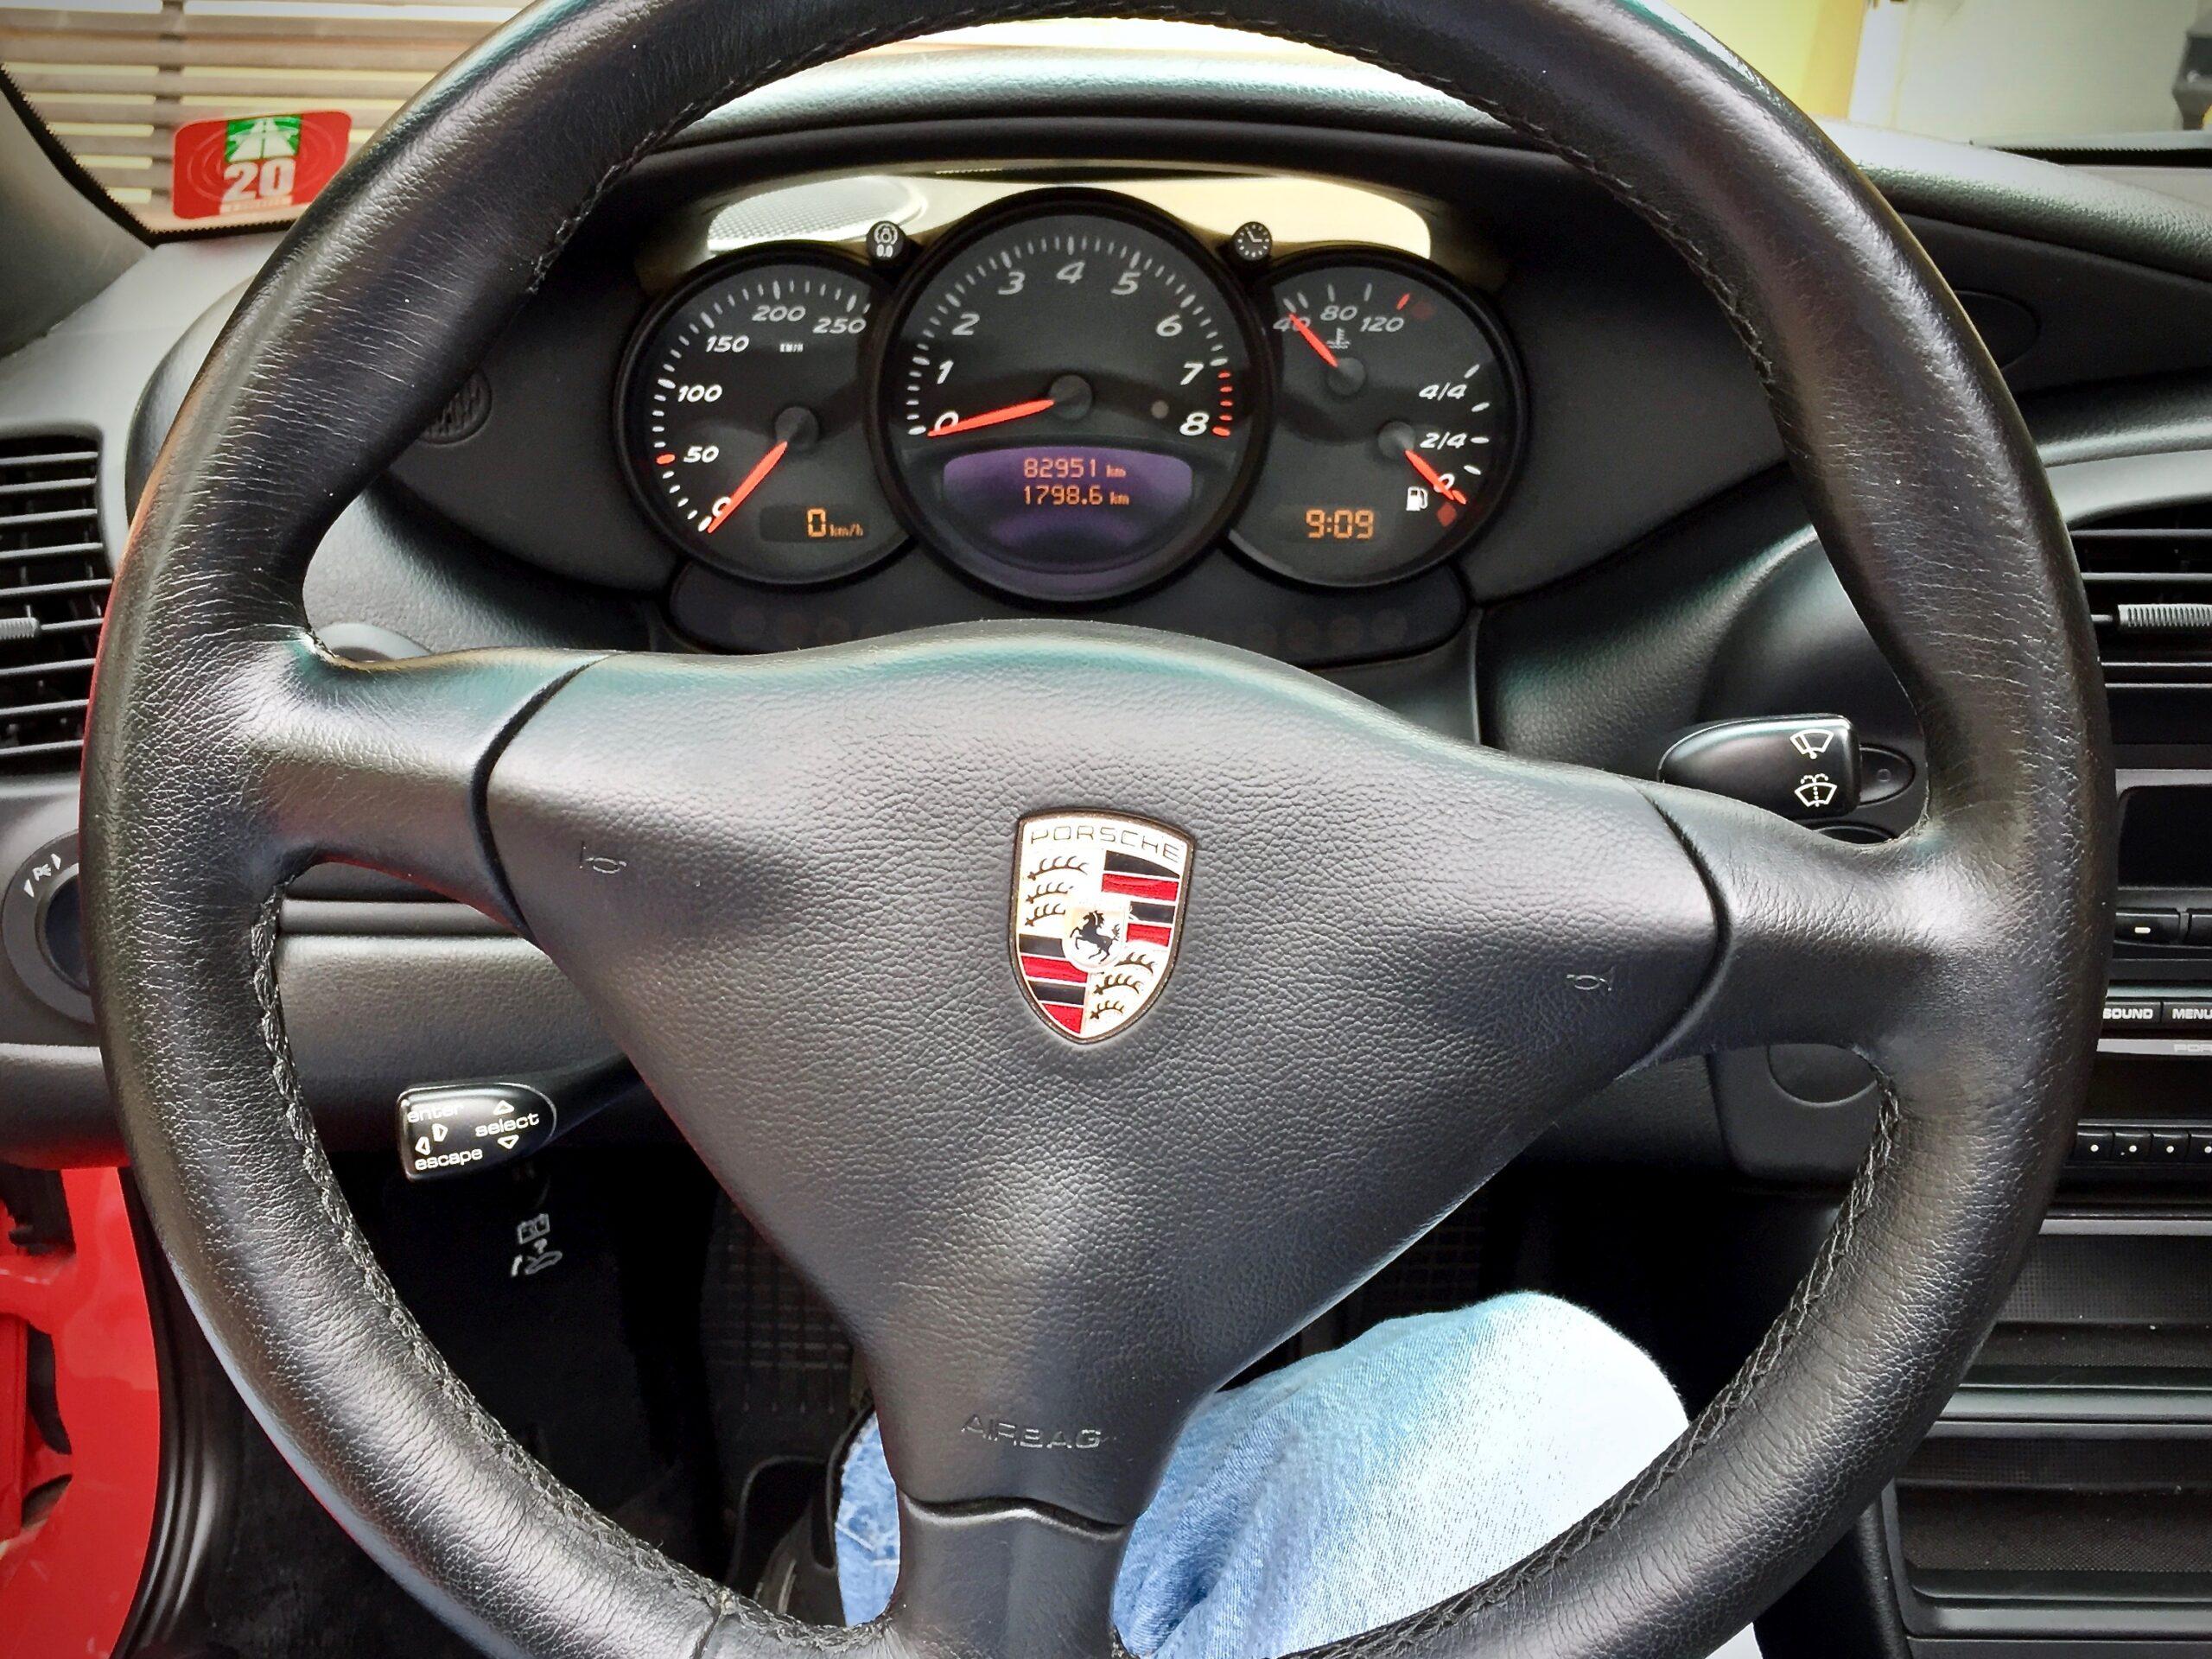 Porsche 986 Boxster 2.7 facelift